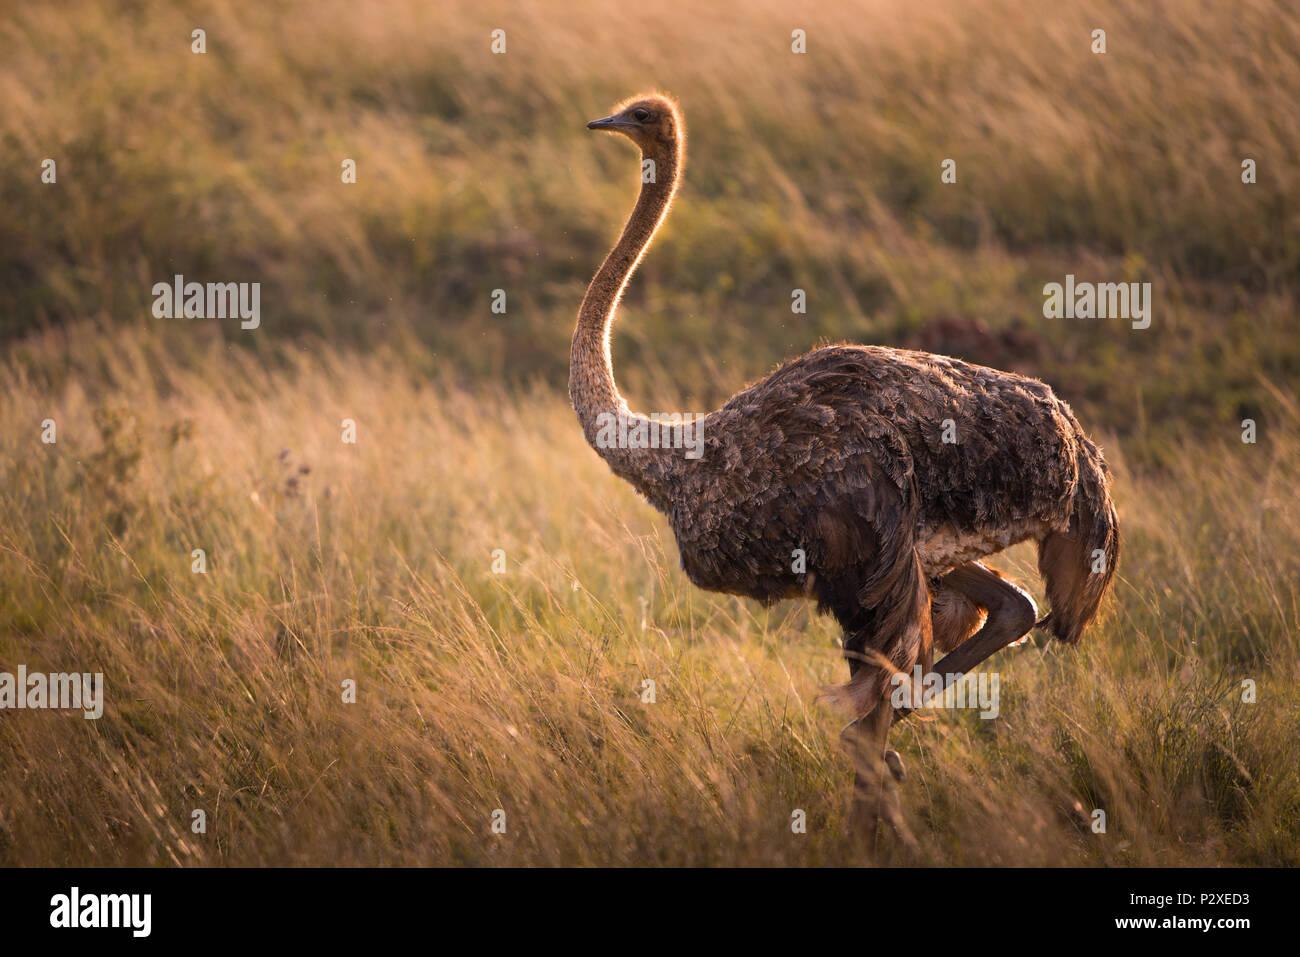 Einsame weibliche Strauß in der grasartigen afrikanische Savanne bei Goldenen Stunde Stockbild